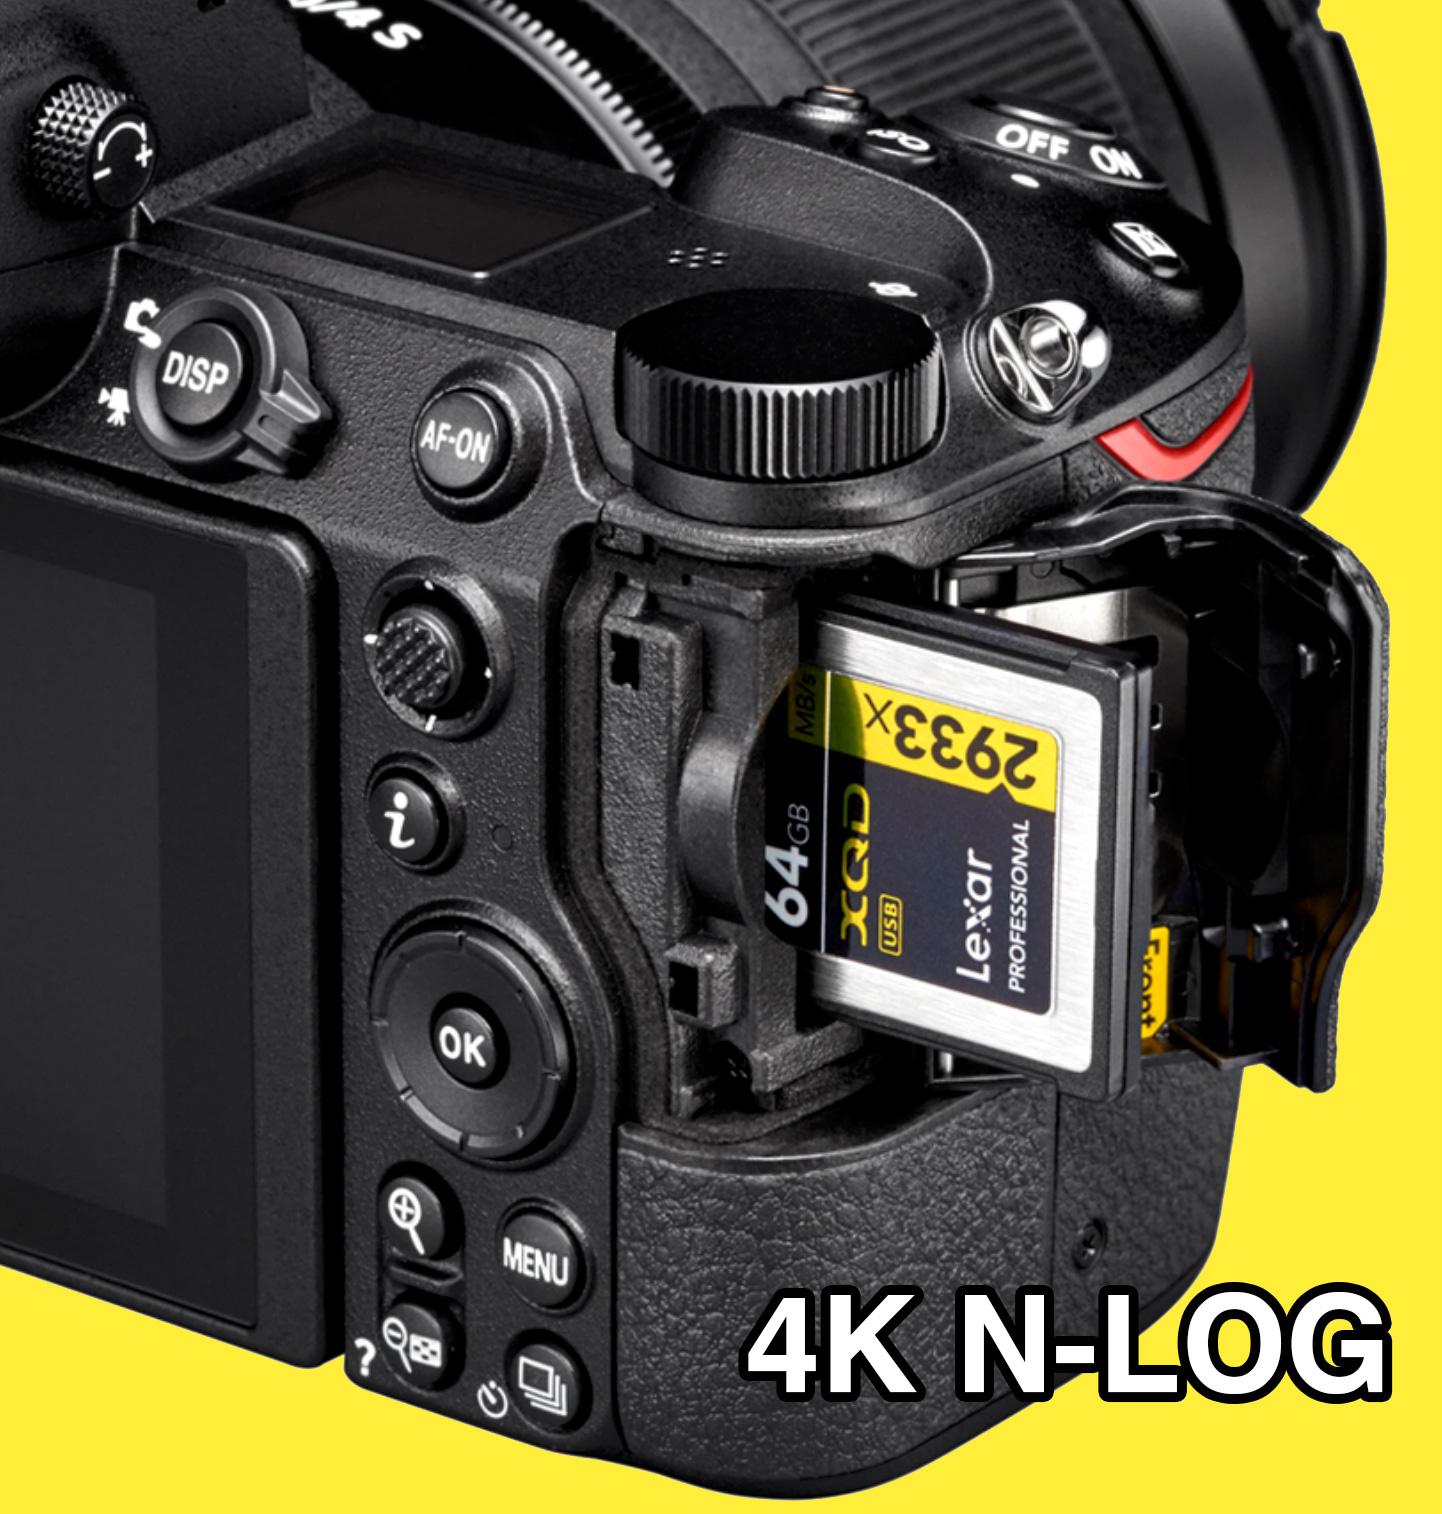 nikon-n-log-4k.jpg